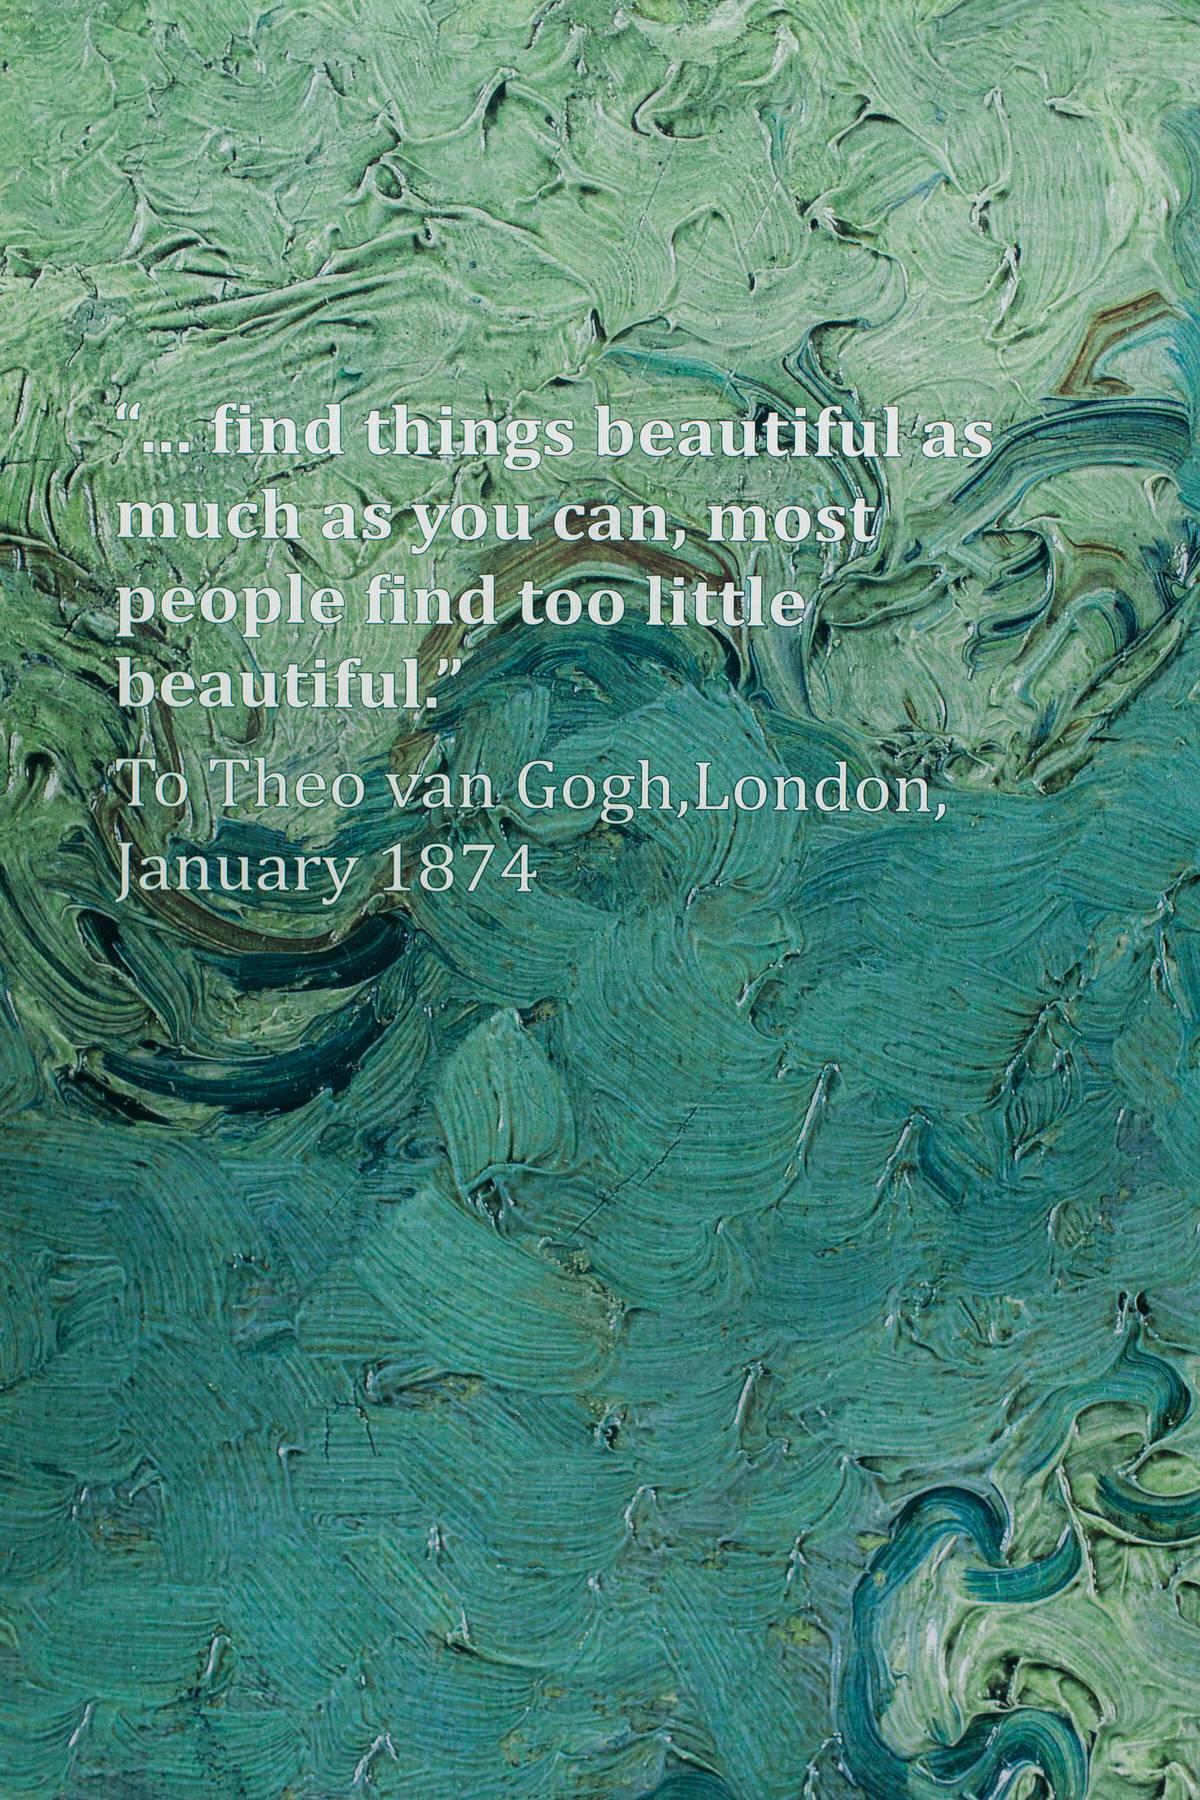 Van-Gogh-Exhibit-Wisconsin-Center-Milwaukee-by-Studio-L-Artist-Photographer-Laura-Schneider-_9752